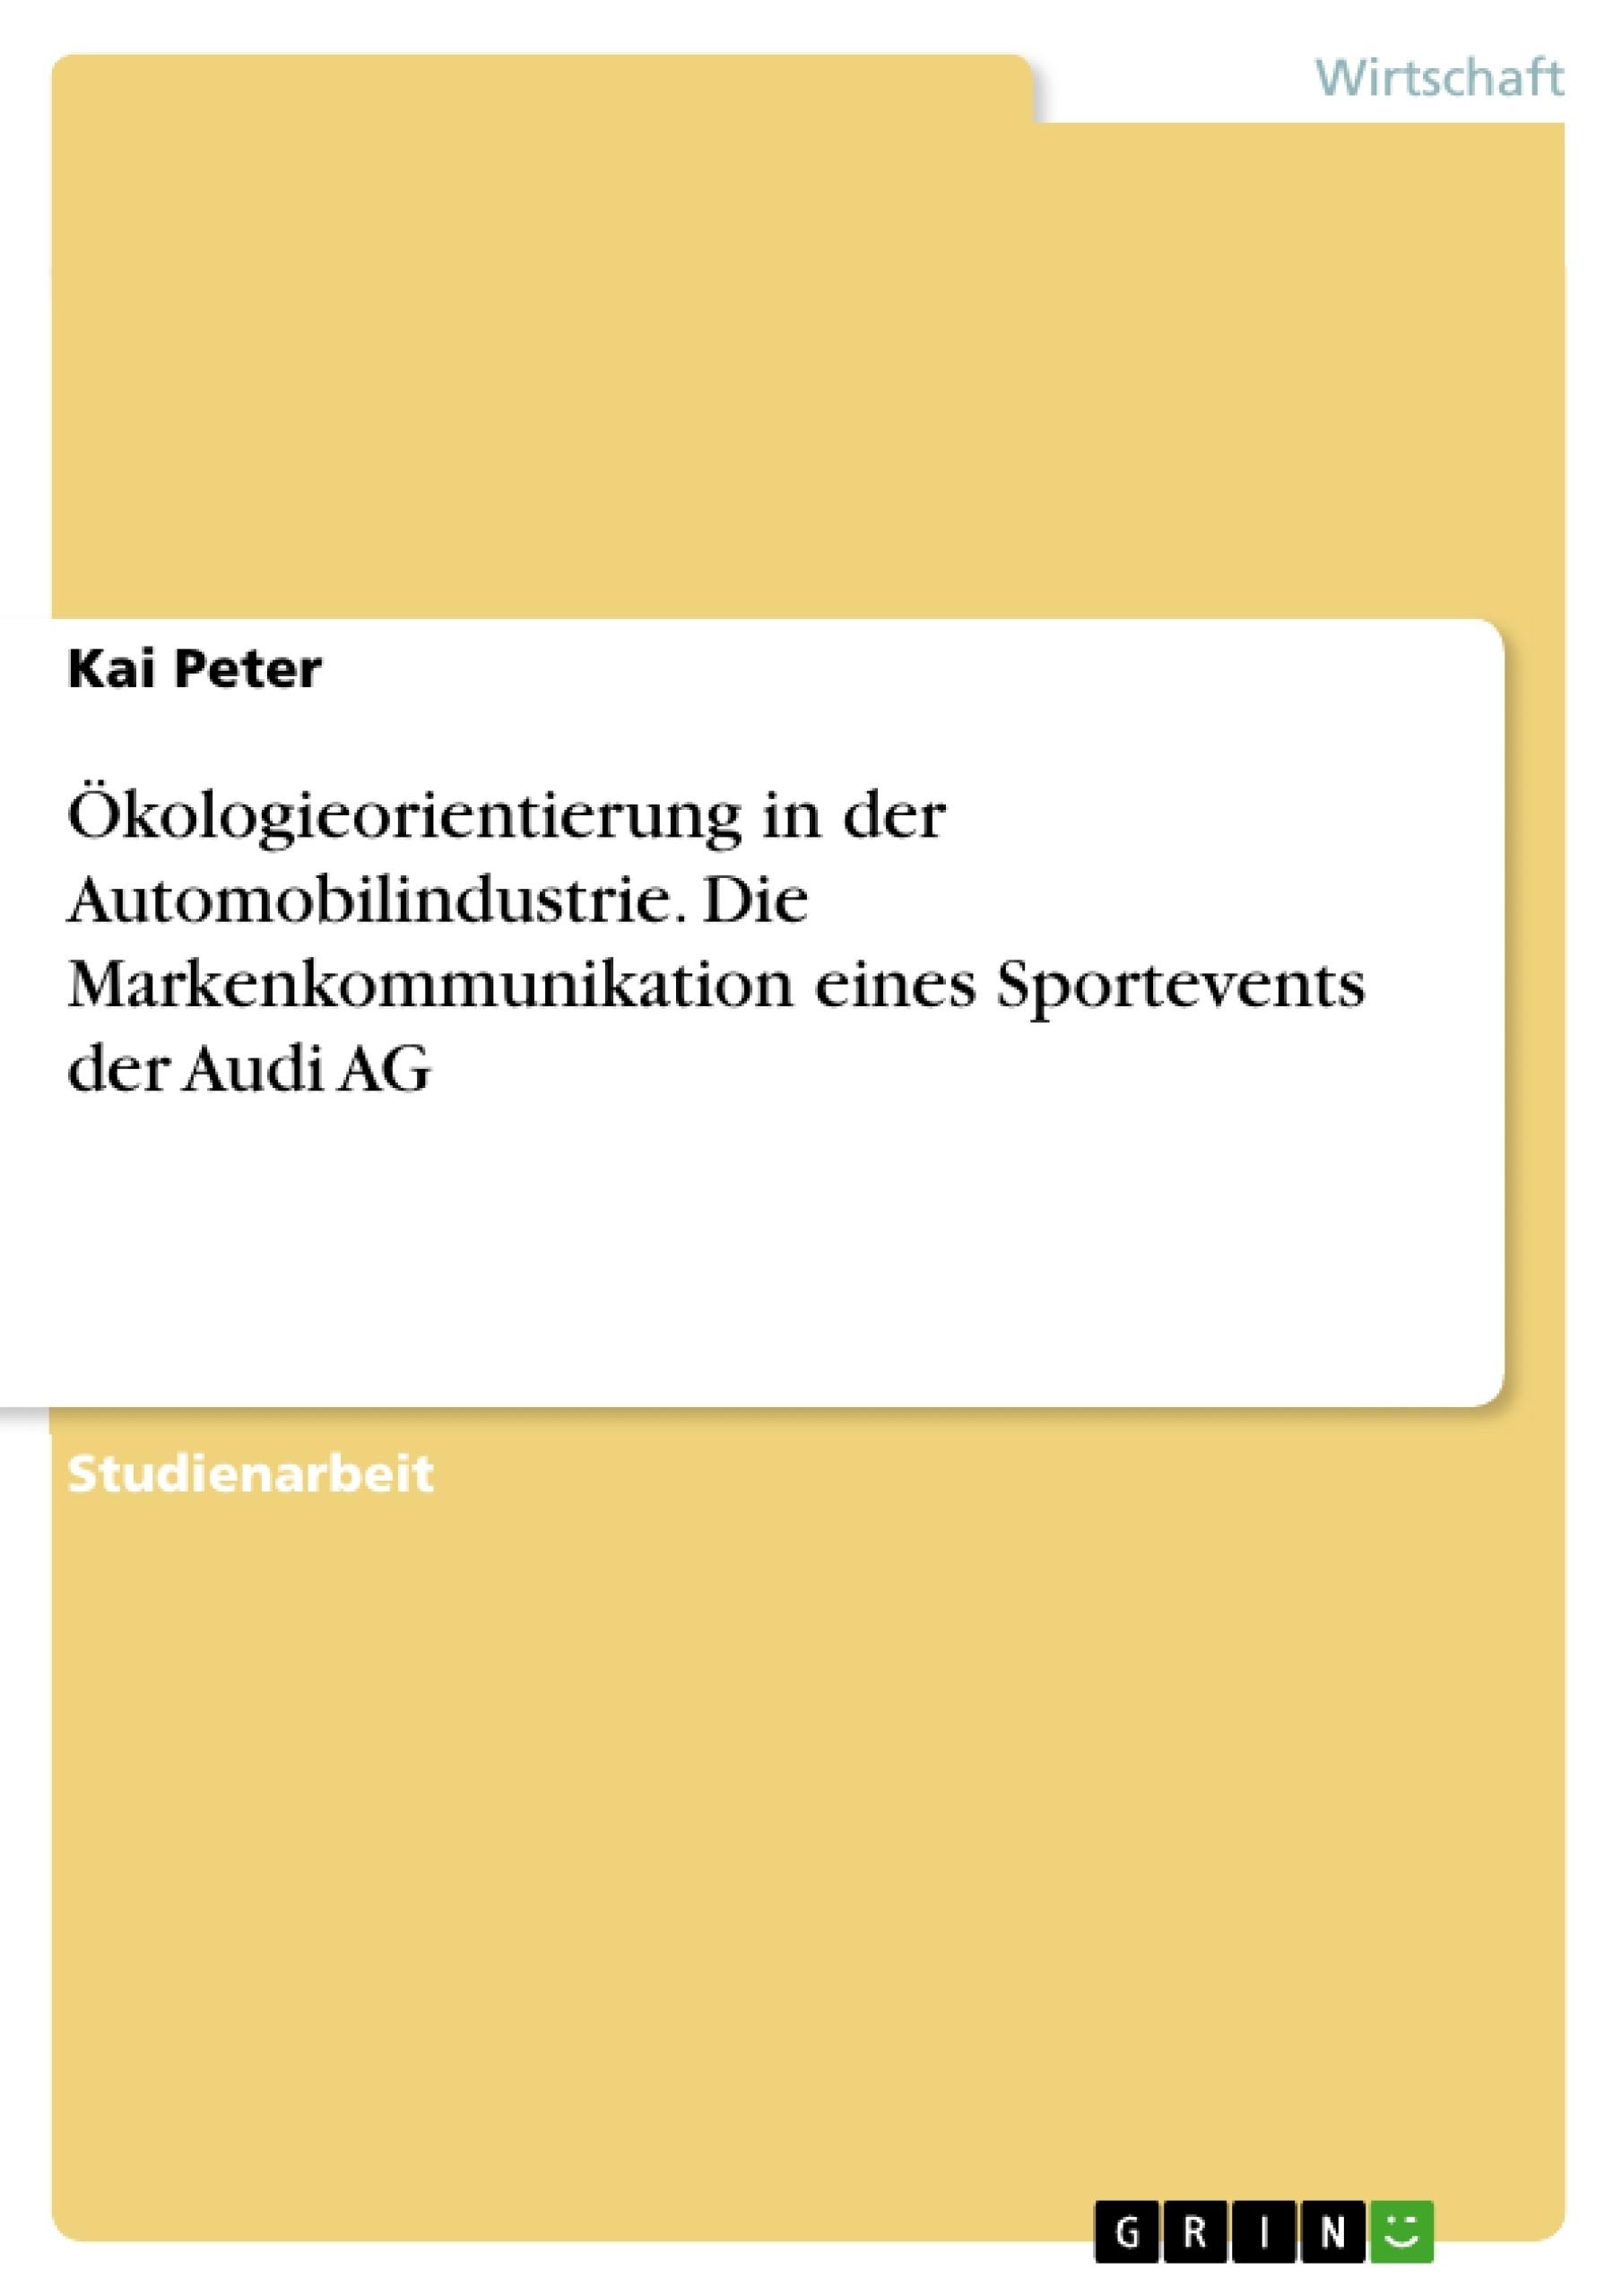 Titel: Ökologieorientierung in der Automobilindustrie. Die Markenkommunikation eines Sportevents der Audi AG